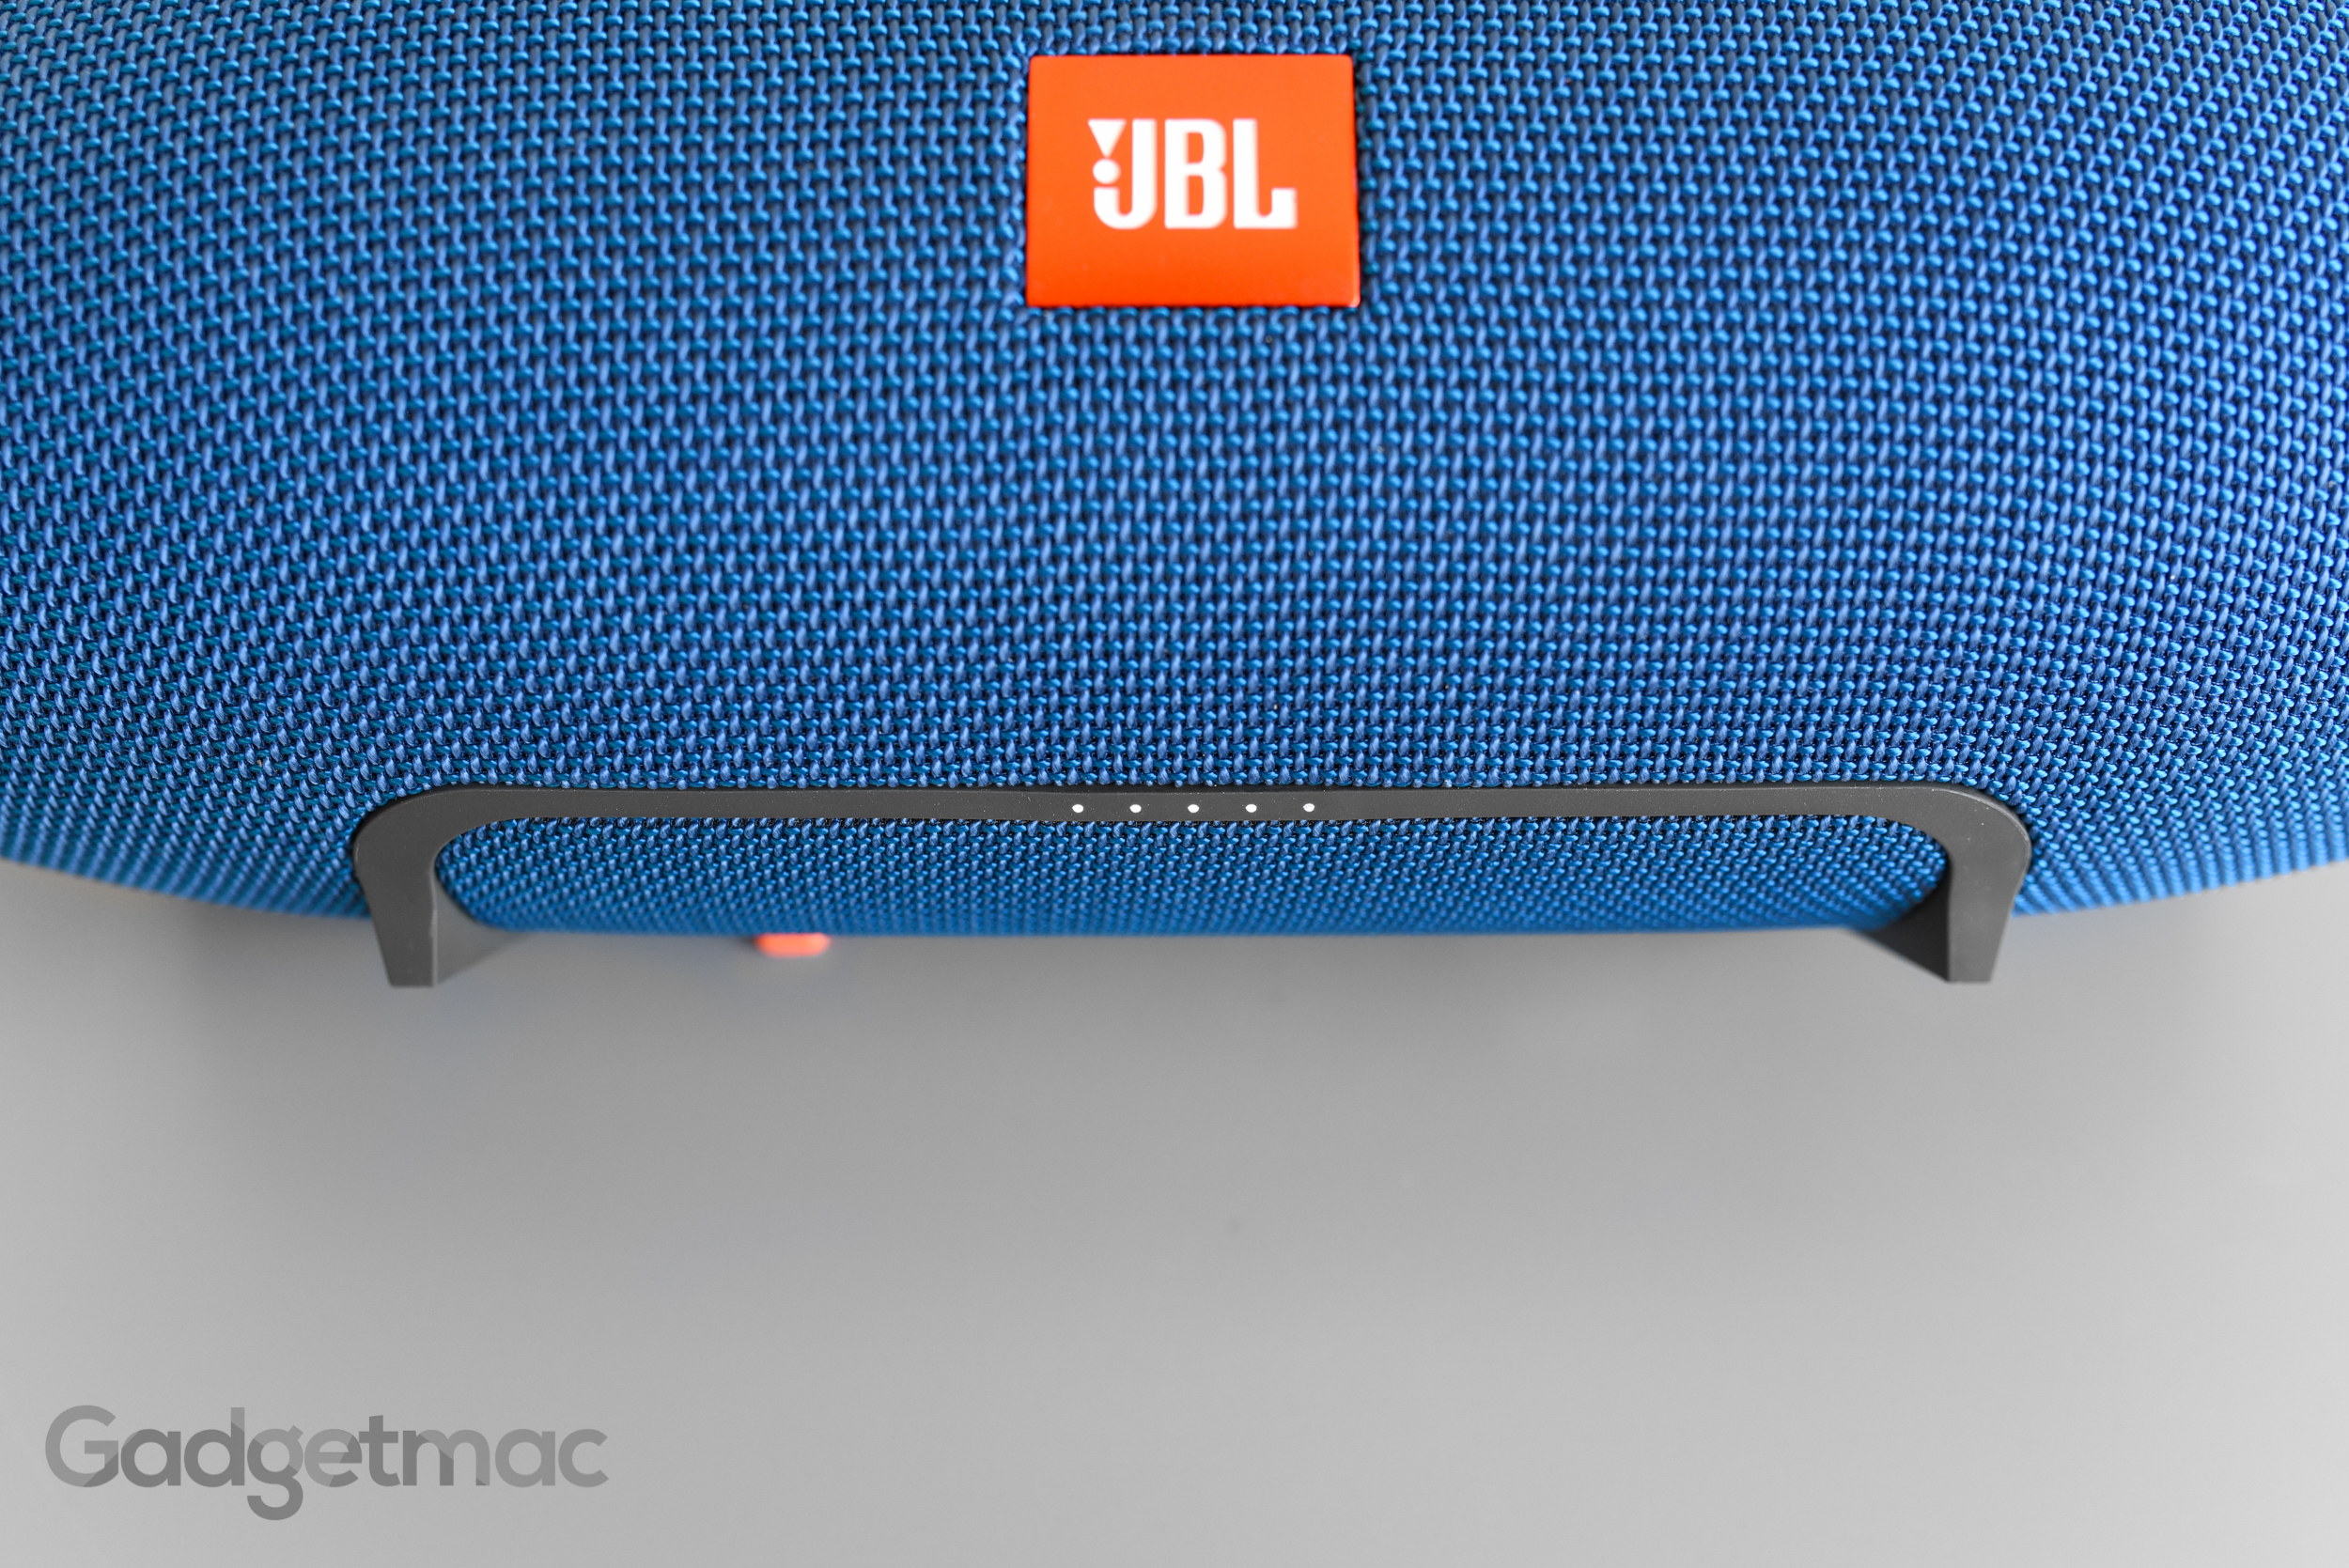 jbl-xtreme-led-battery-meter.jpg